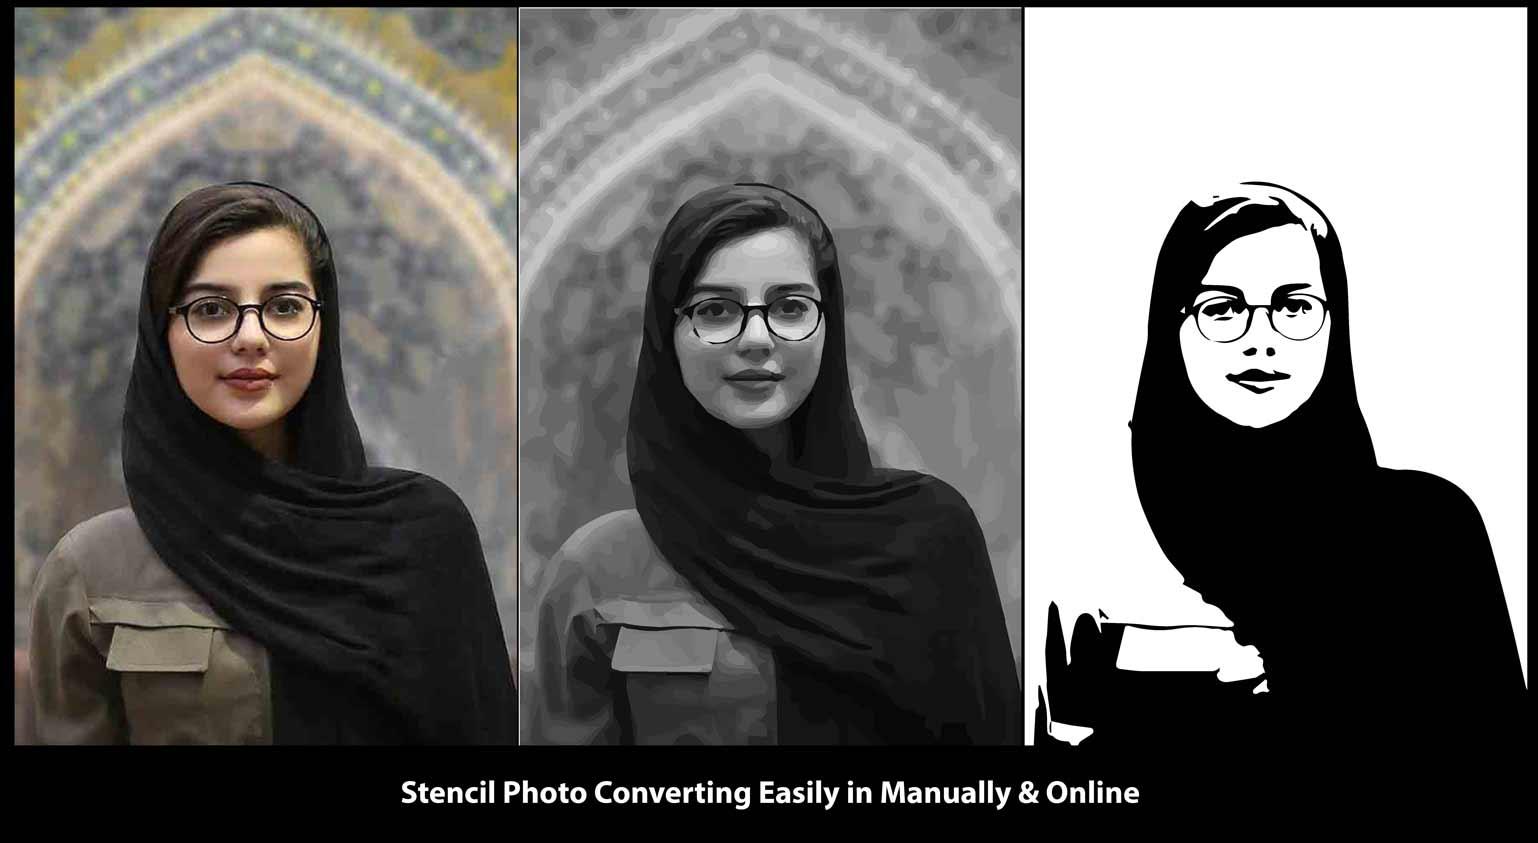 Make a photo into a stencil